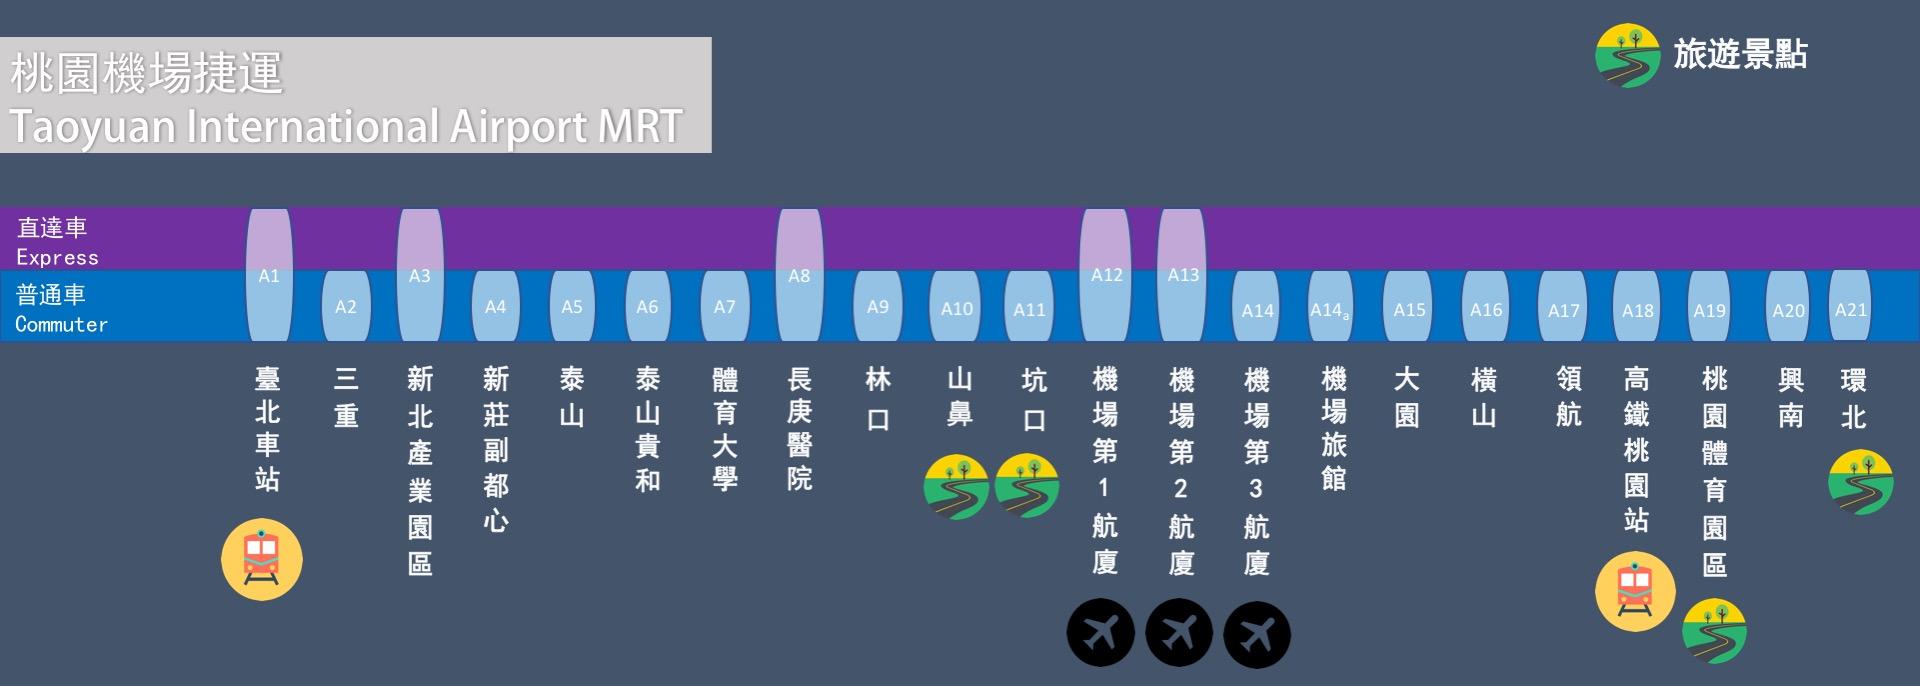 桃園機場捷運分為藍線和紫線,兩條不同模式的線路,滿足不同客源所需。